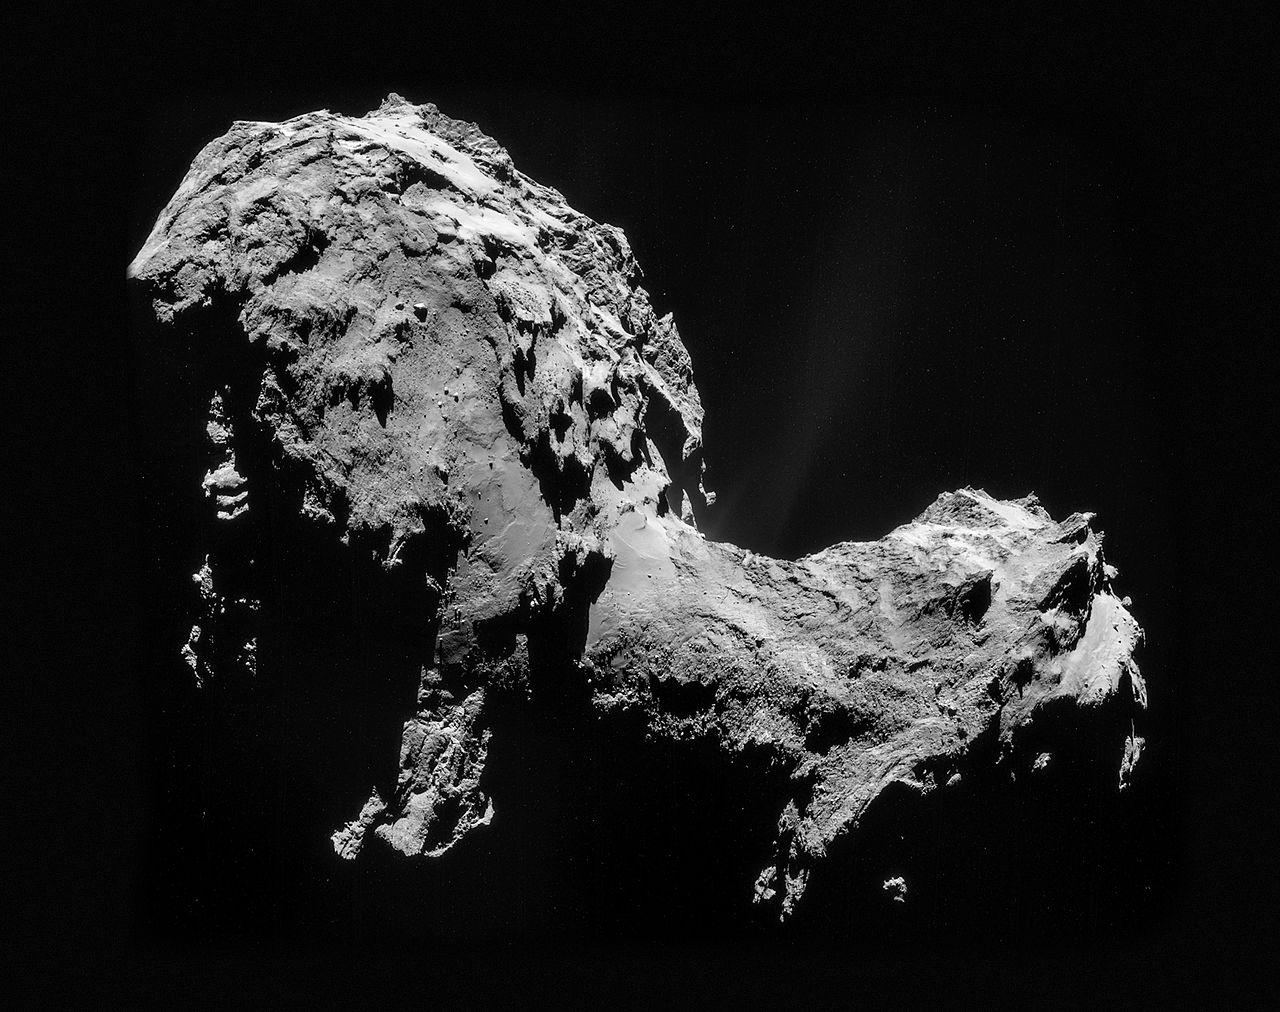 Hình ảnh về sao chổi 67P/Churyumov-Gerasimenko được chụp vào ngày 19/9/2014 vừa qua bởi Nhóm nghiên cứu sứ mệnh Rosetta thuộc Cơ quan Hàng không Âu châu.